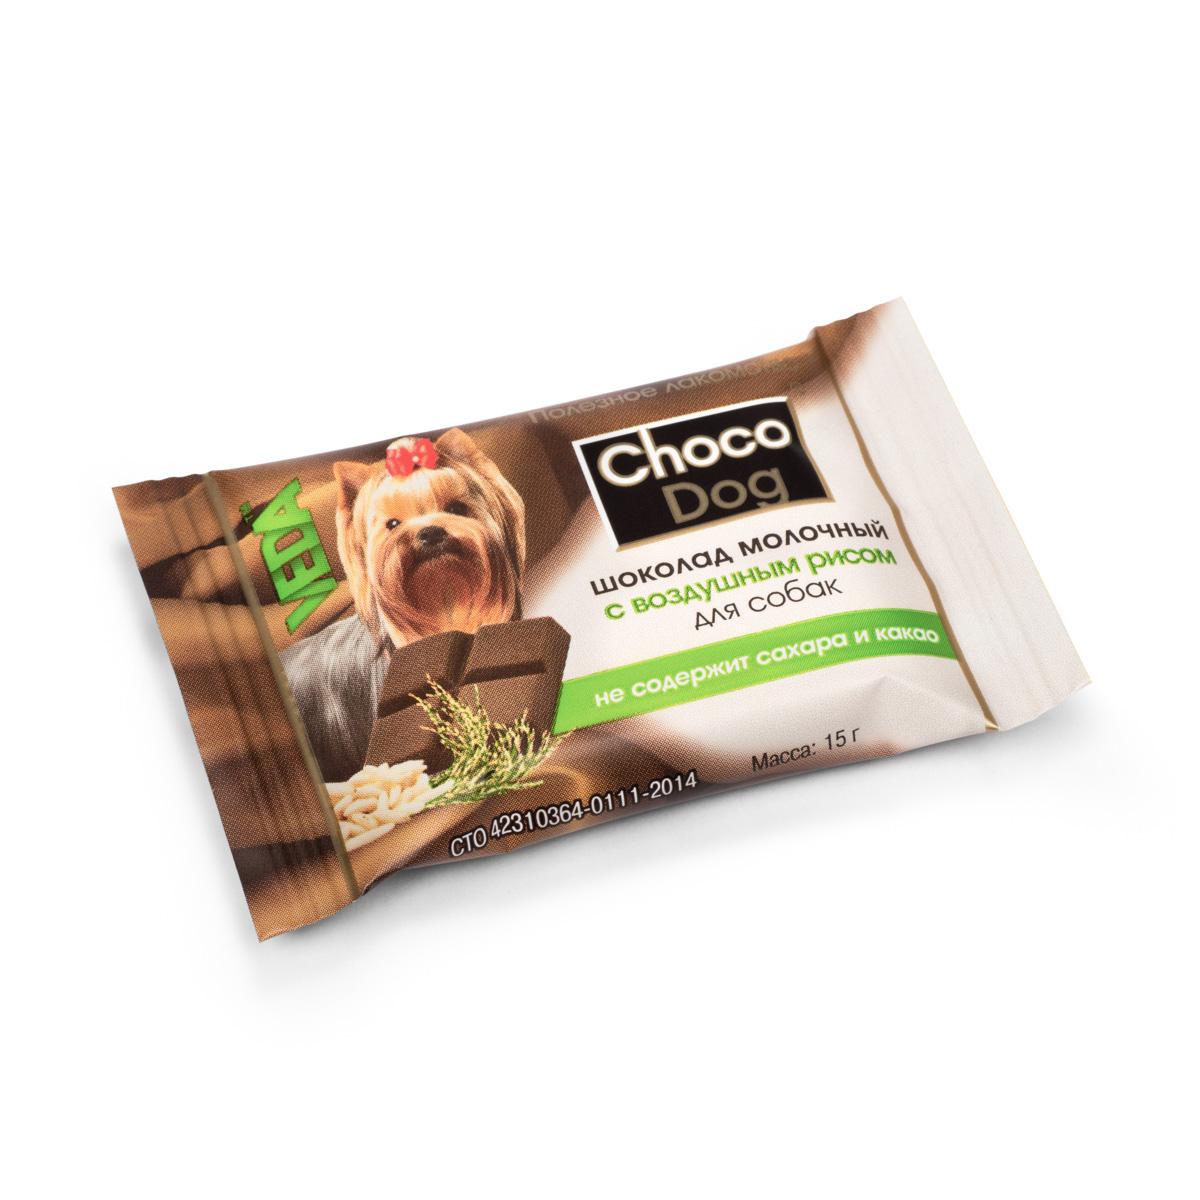 Лакомство для собак VEDA Choco Dog, молочный шоколад с воздушным рисом, 15 г фурминатор для собак короткошерстных пород furminator short hair large dog